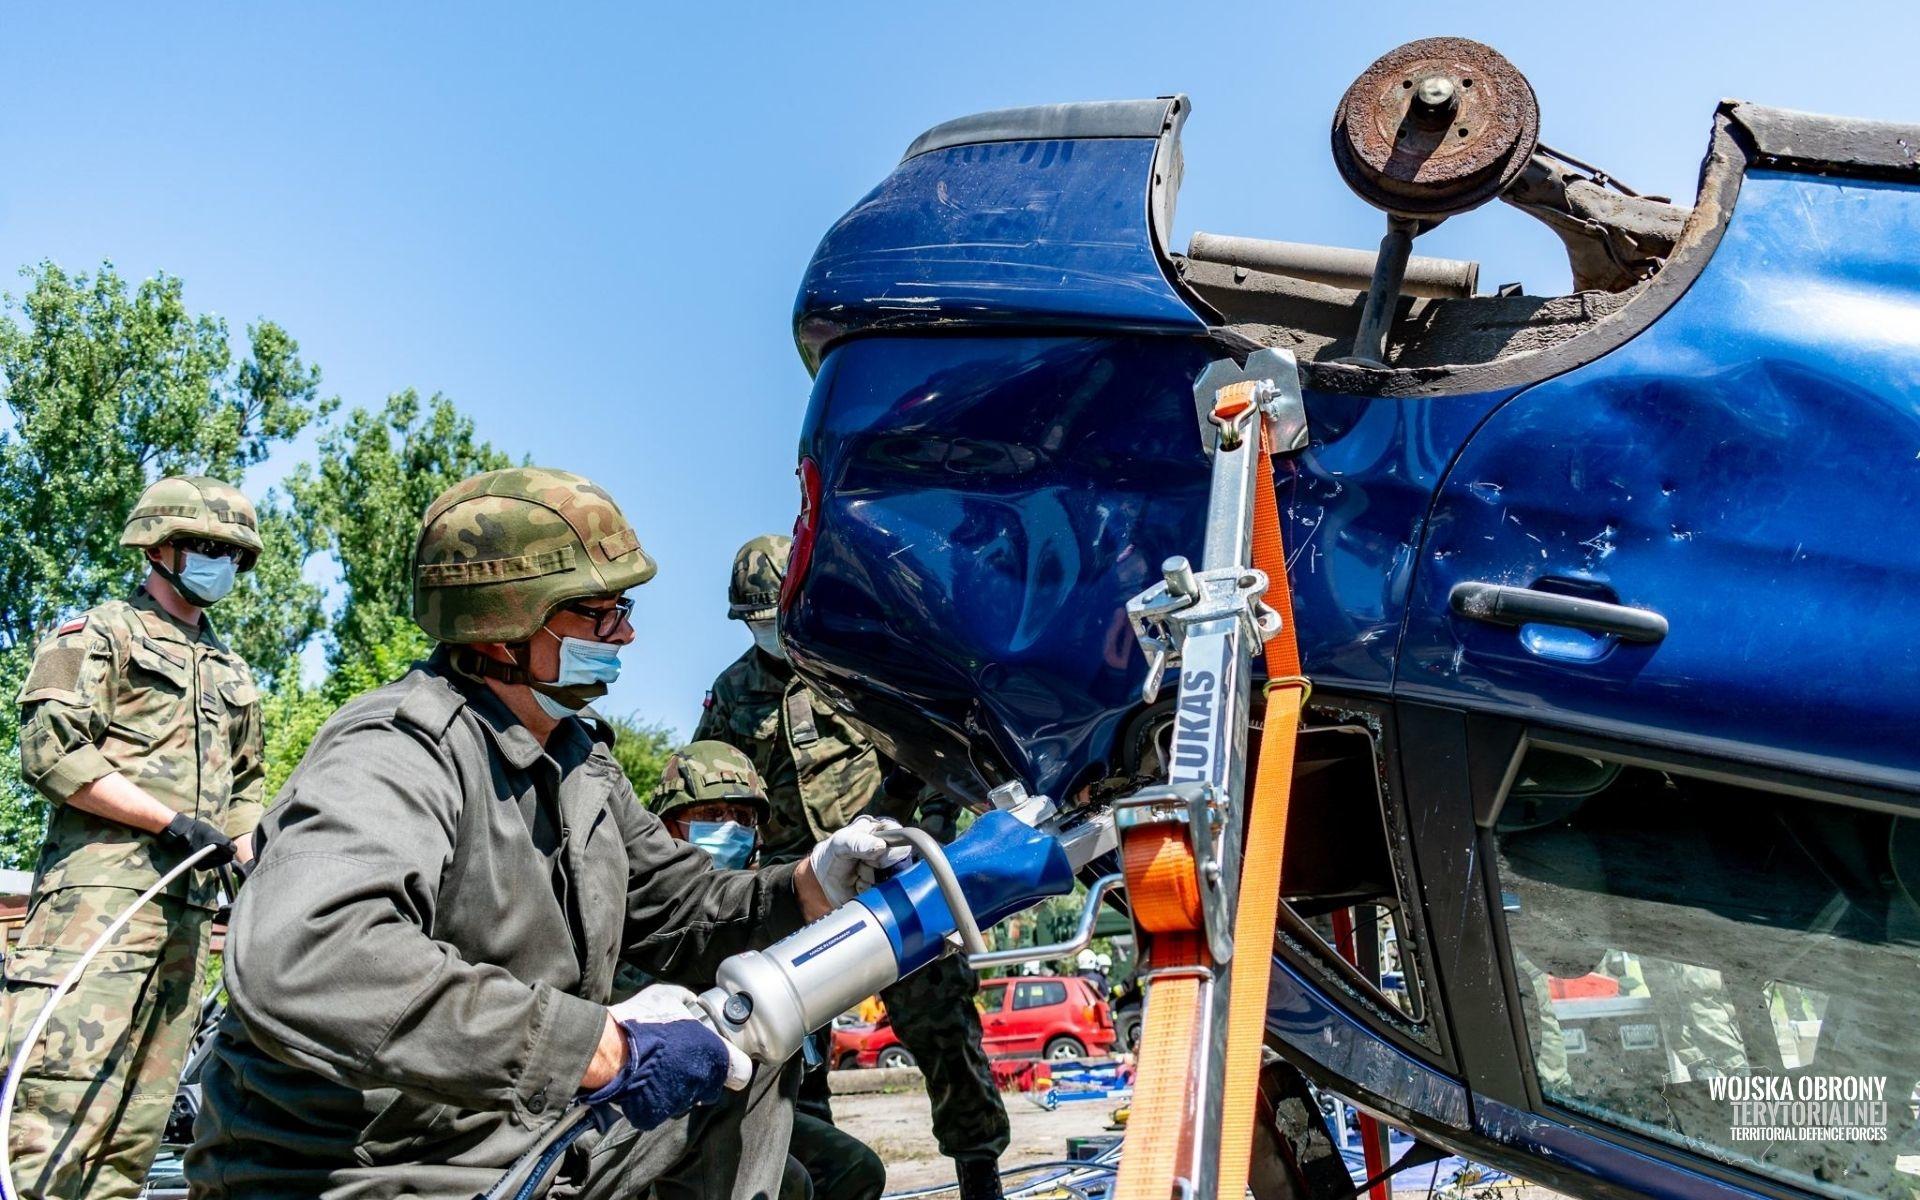 Terytorialsi ćwiczyli jak ratować ofiary wypadków drogowych [FOTO] - Zdjęcie główne